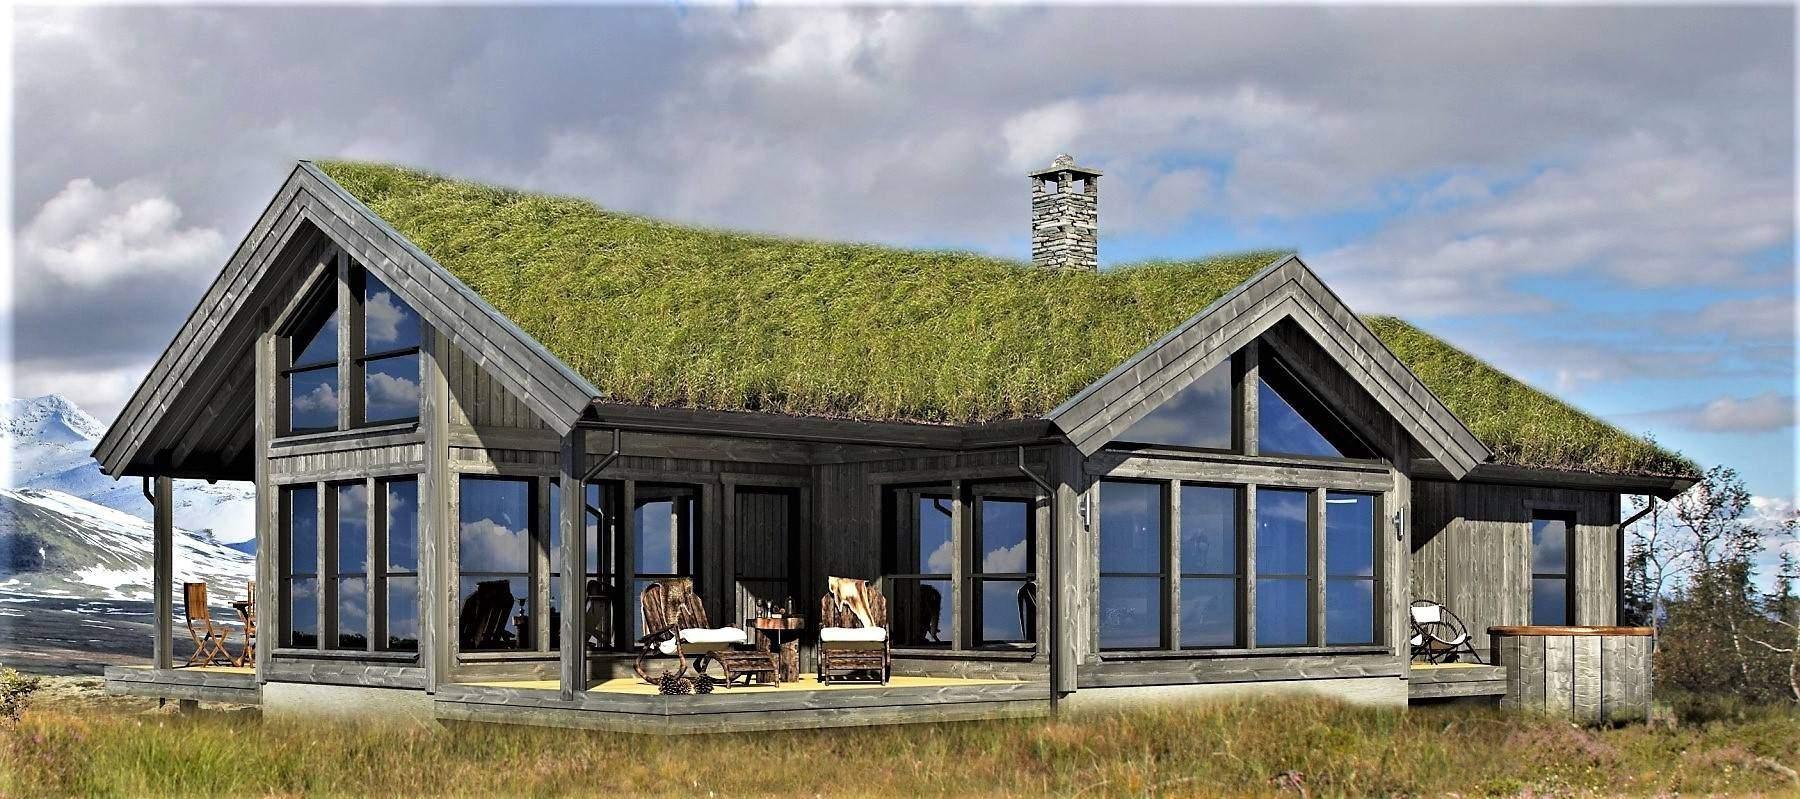 2158 Hytte Strynsfjell 120